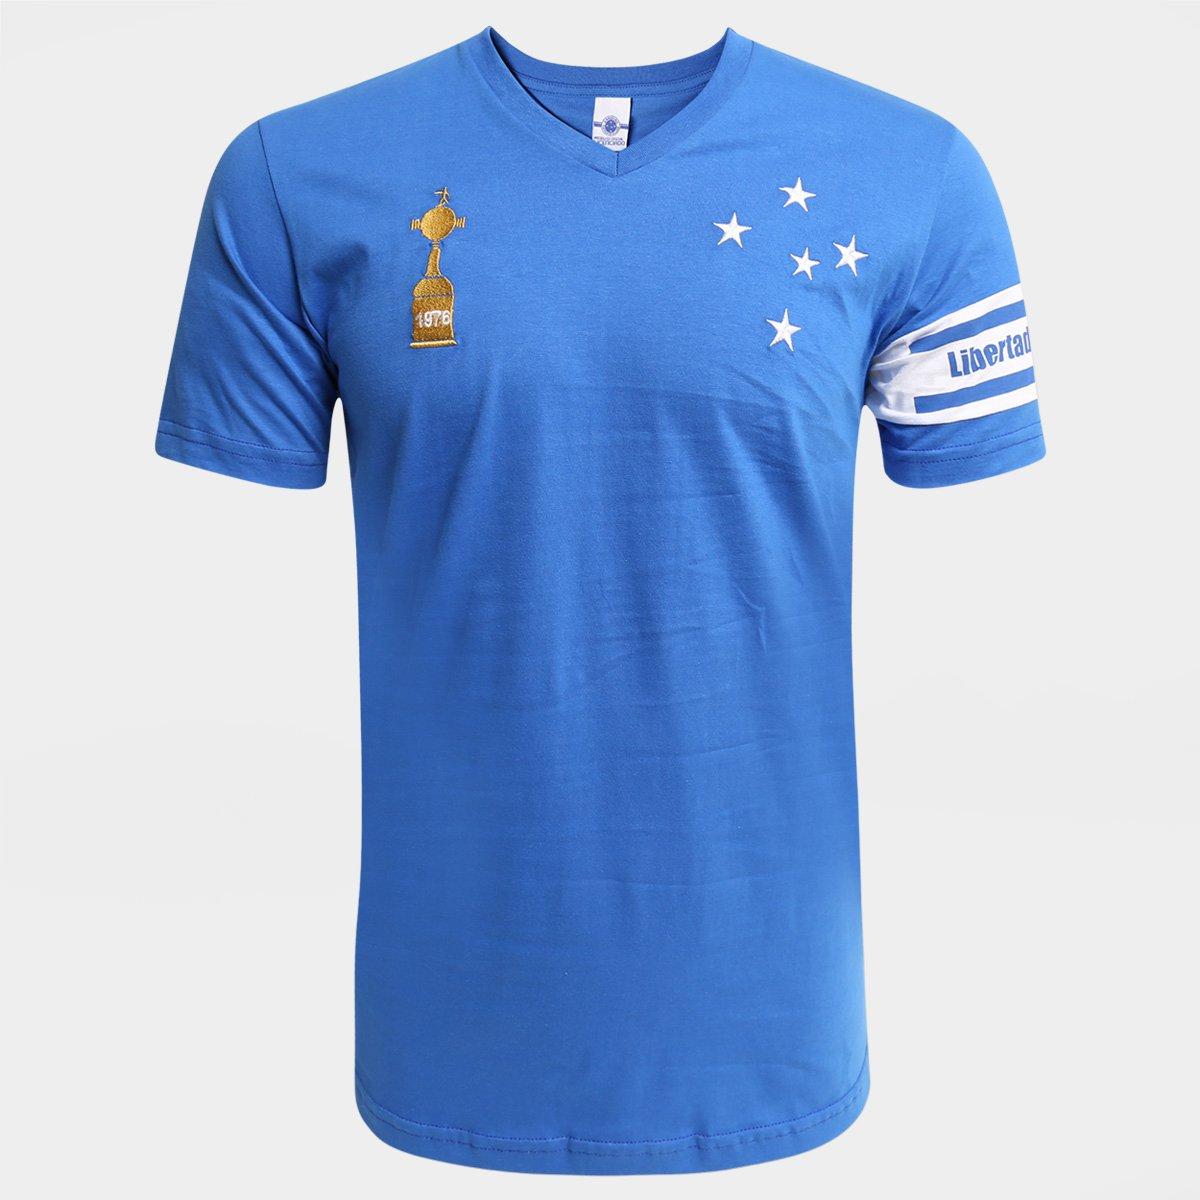 ea868c42e7a36 Camiseta Cruzeiro Capitães Libertadores 1976 Masculina - Azul Royal - Compre  Agora